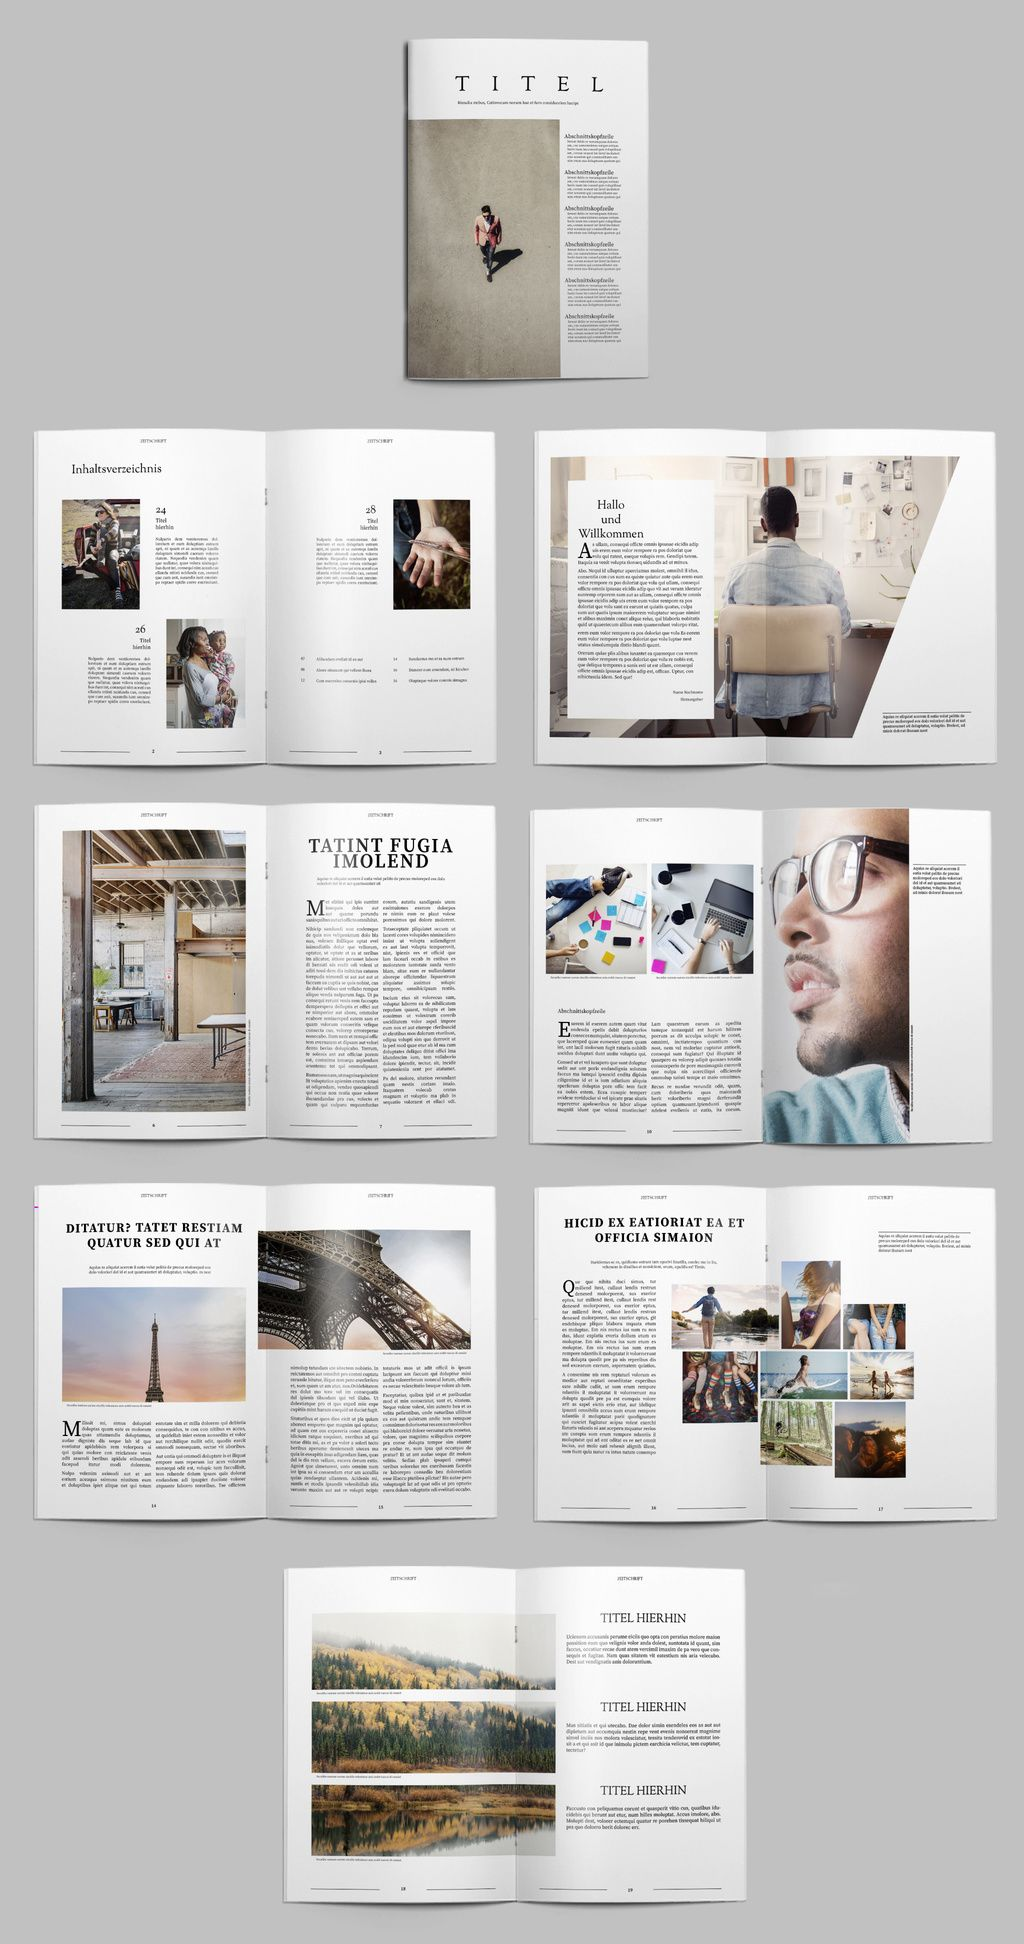 Archivfotos Lizenzfreie Bilder Grafiken Vektoren Und Videos Indesign Vorlagen Bookletgestaltung Indesign Vorlage